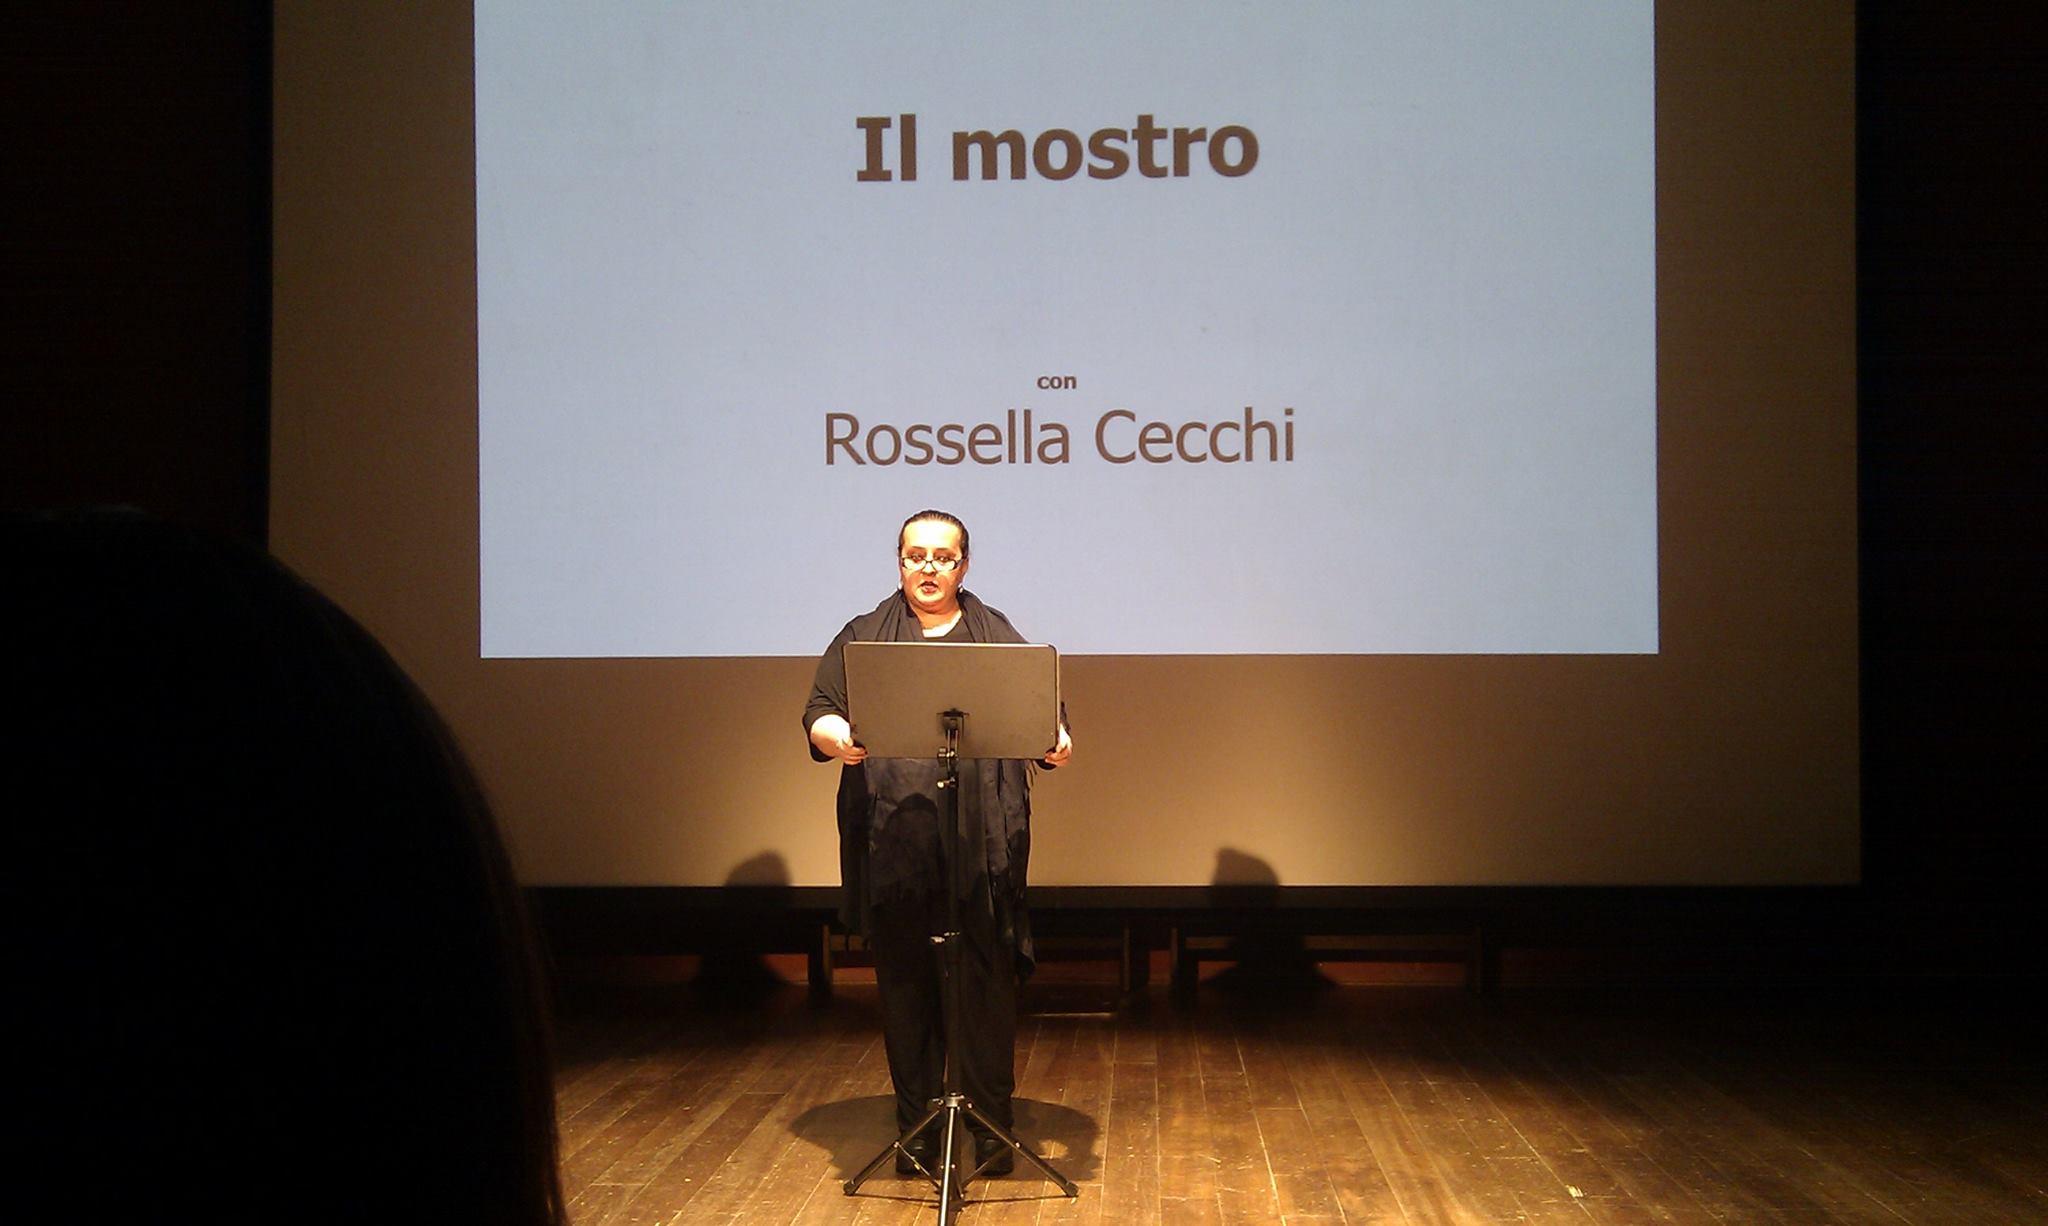 10_RossellaCecchi_Il-Mostro